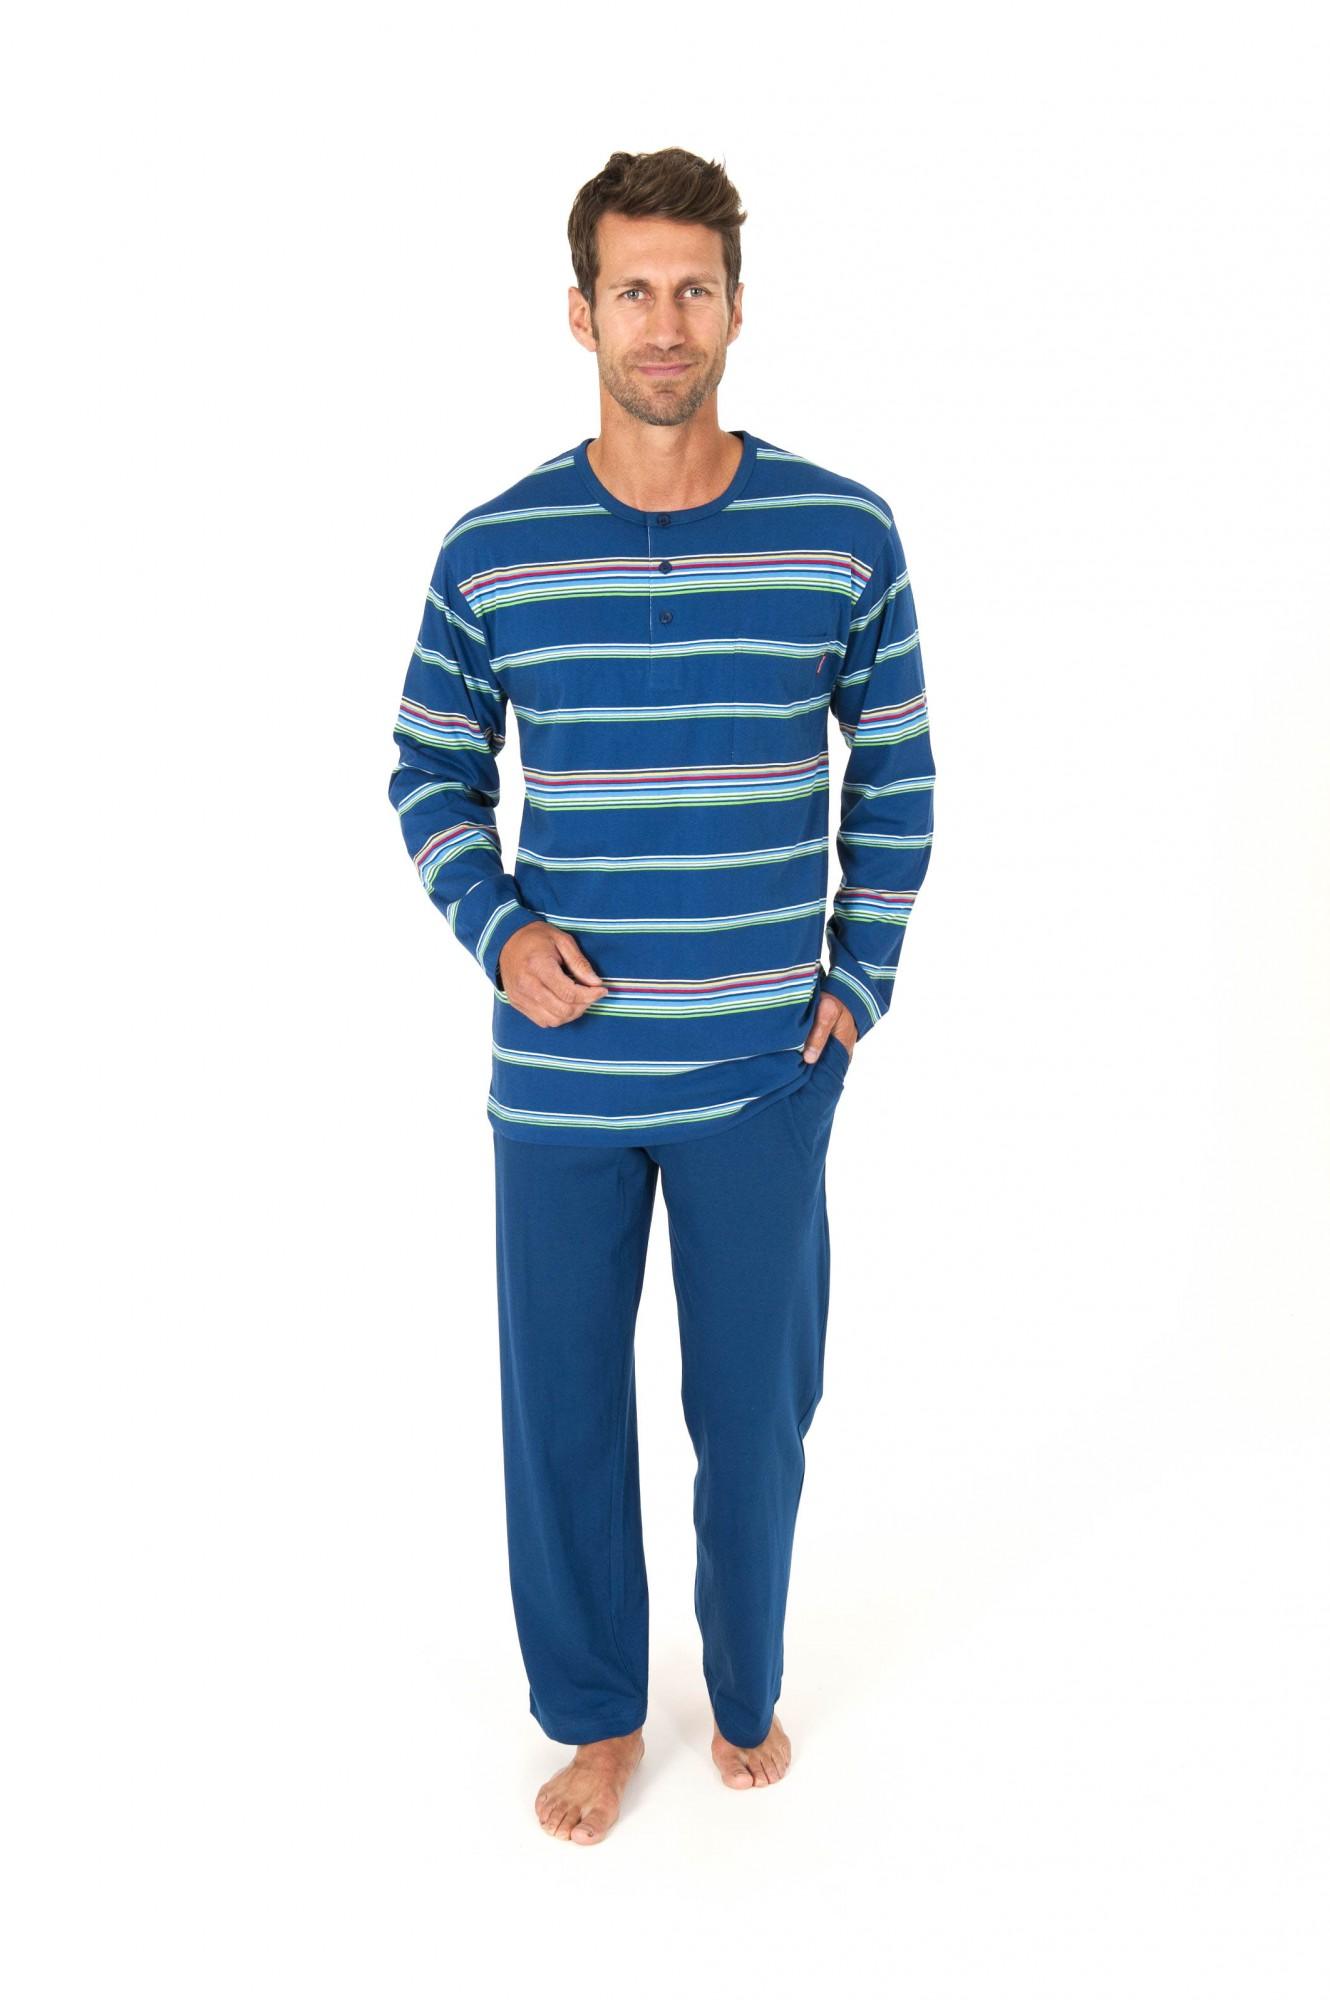 Lässiger Herren Pyjama langarm Streifen Optik – 161 101 90 724 001